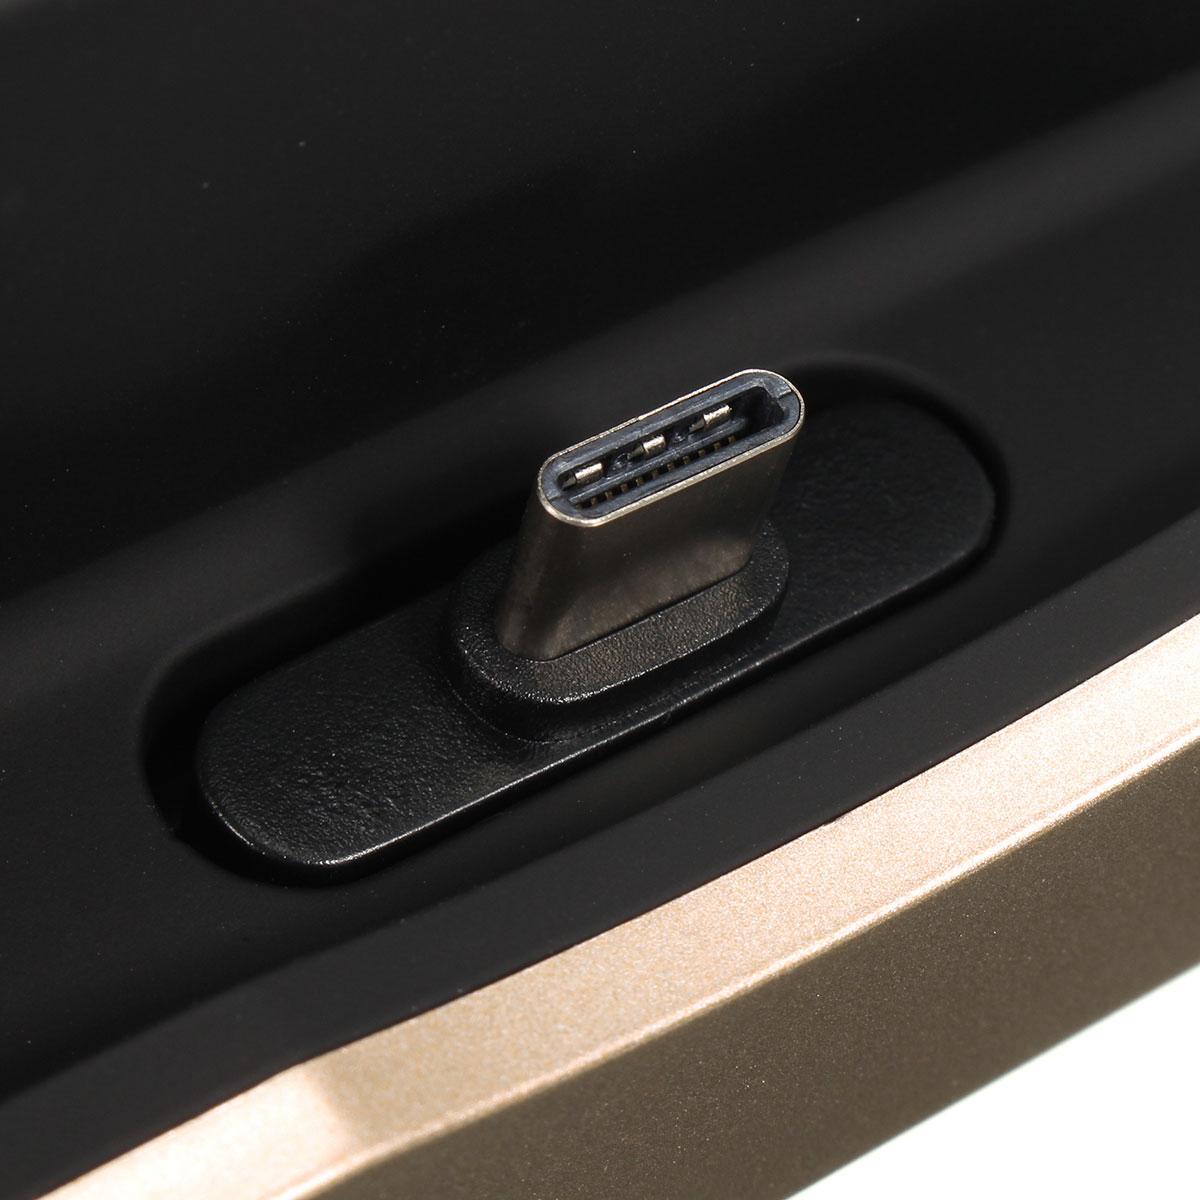 Usb Type C Dock Charger Charging Desktop Station For